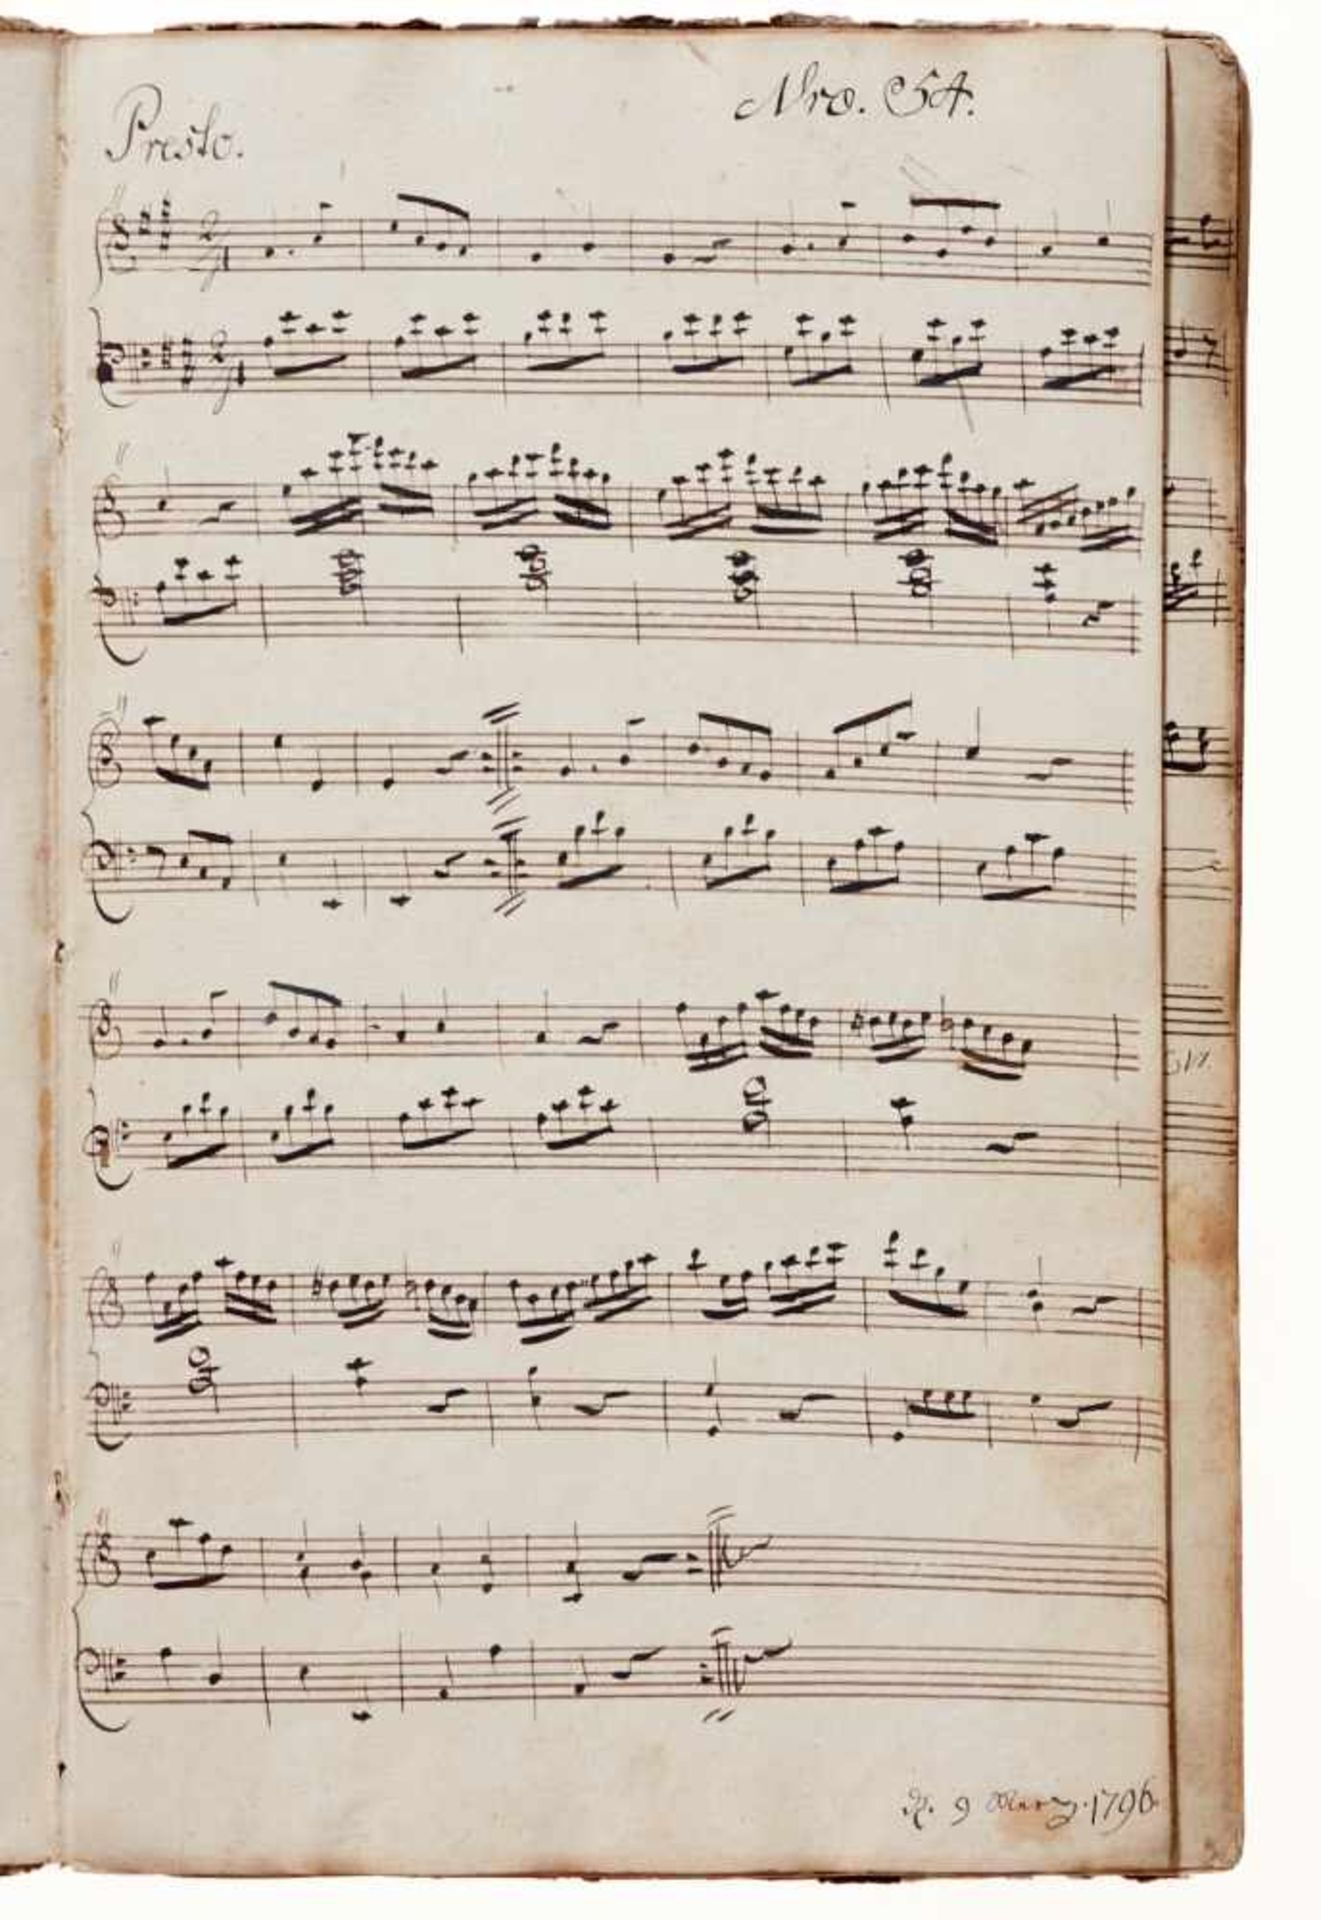 """Rese- """"Clavier Buch für I. Rese. Den 4 Junius 1798.""""Deutsche Handschrift auf Papier. Halberstadt?, - Bild 2 aus 4"""